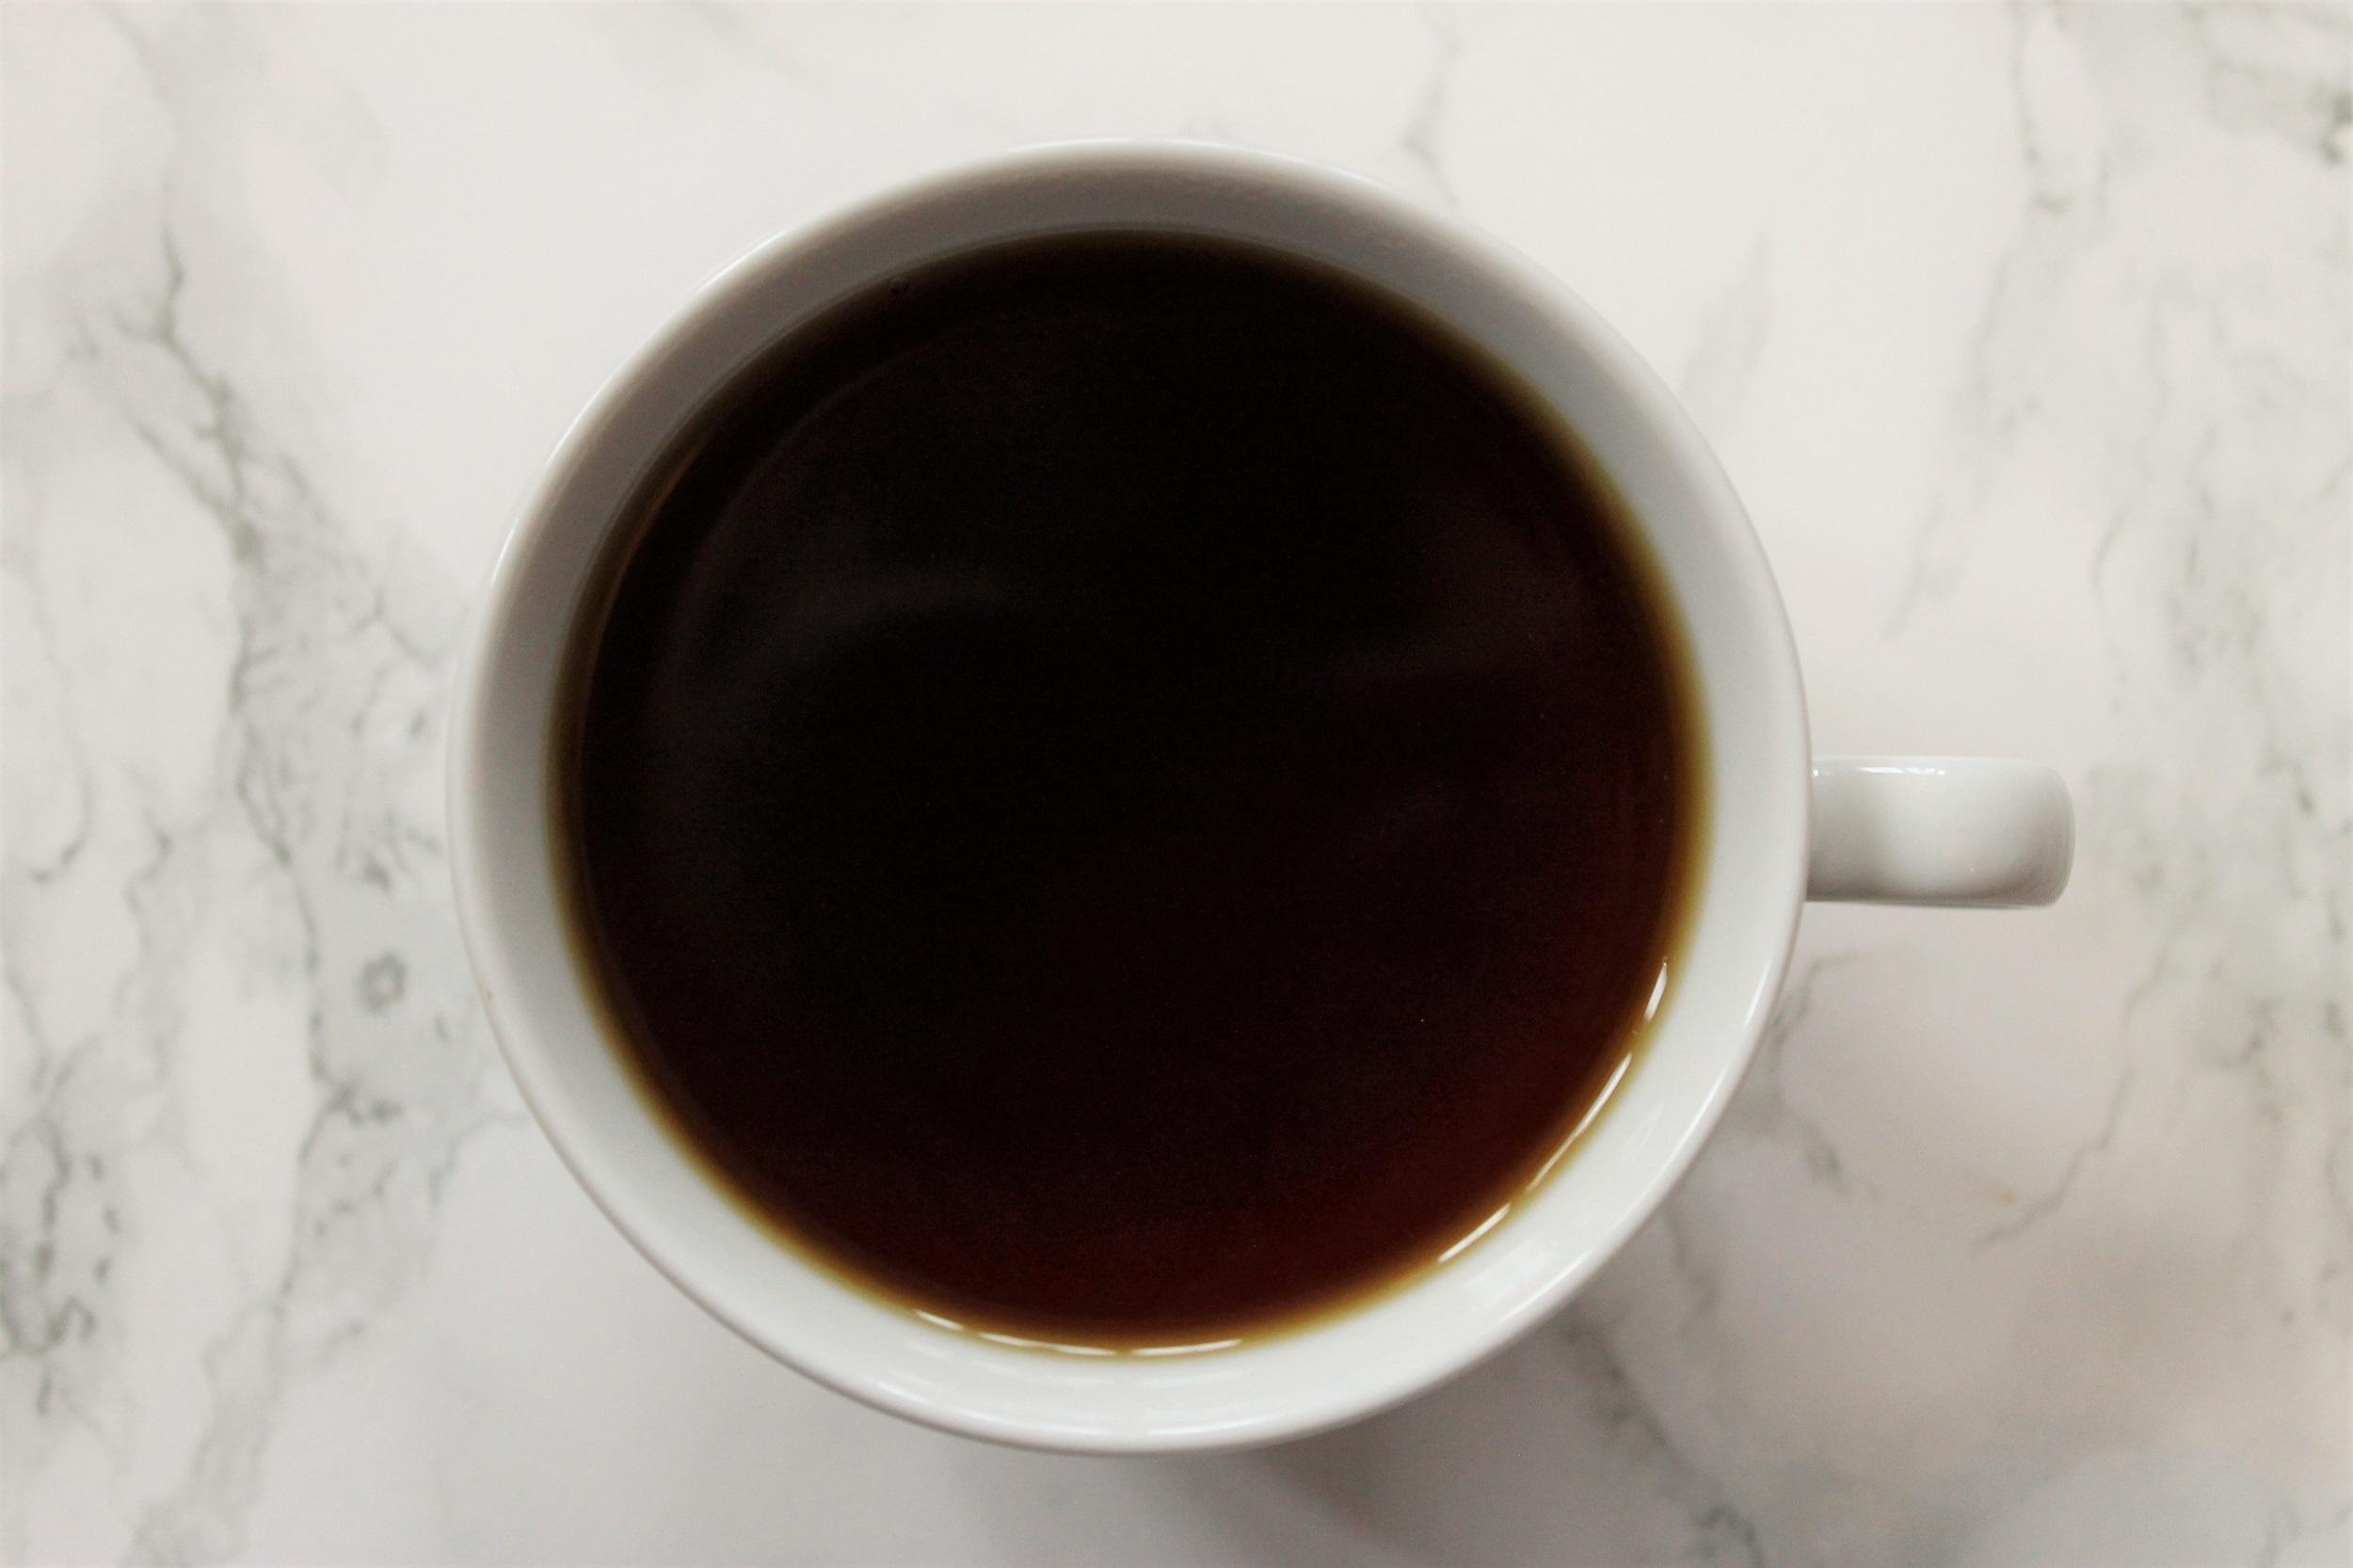 uva region sri lanka black tea